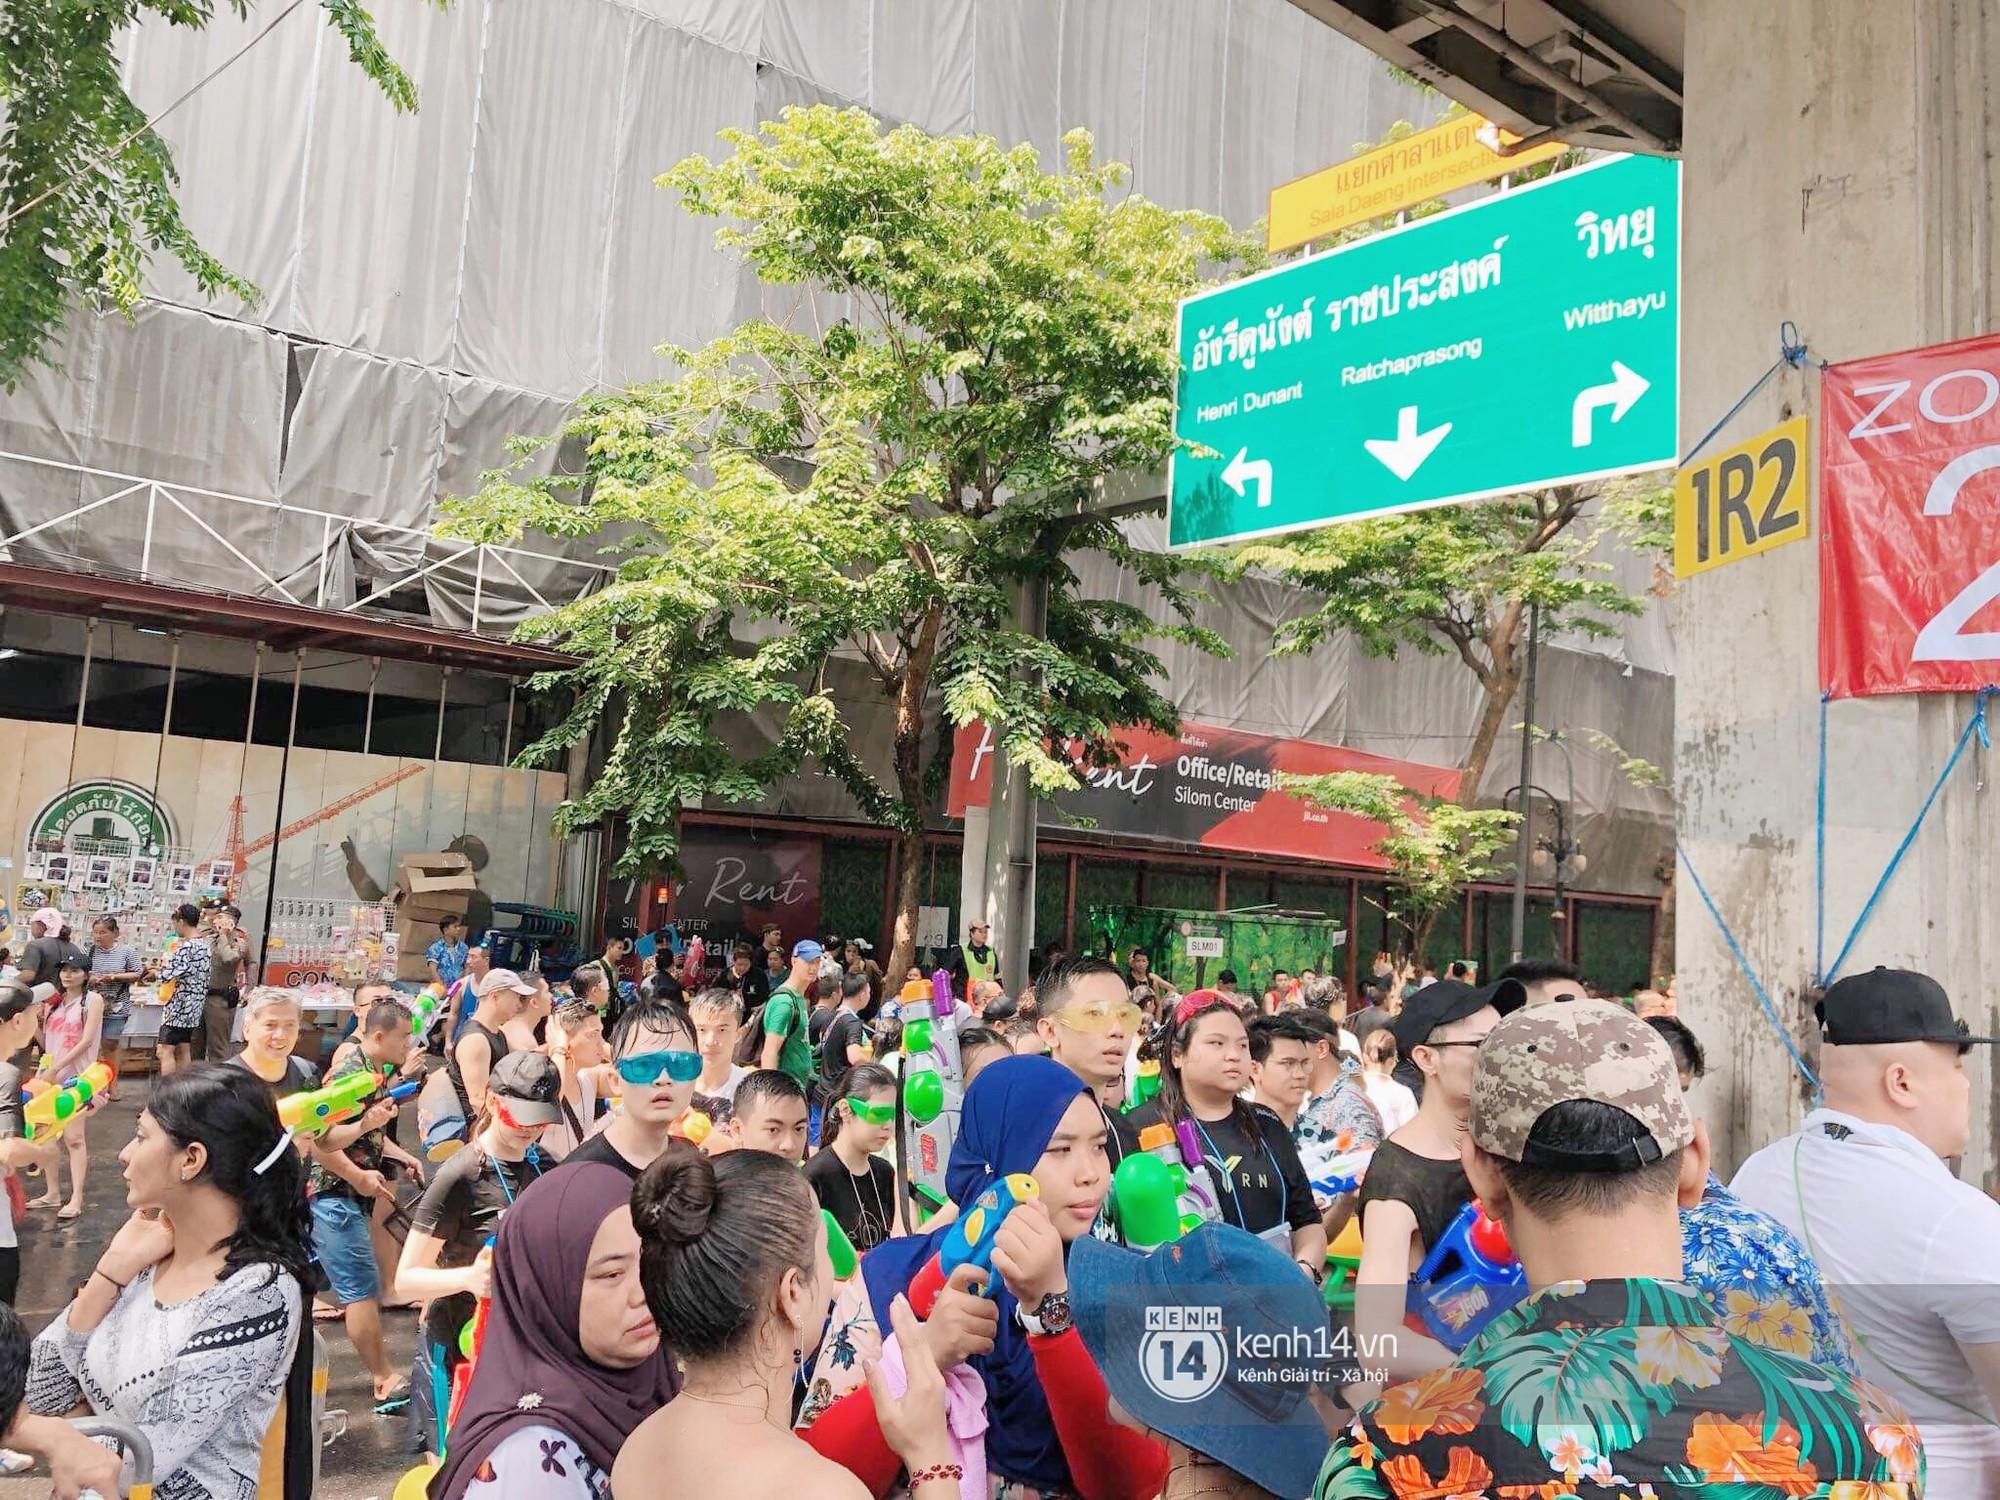 Hàng ngàn bạn trẻ Việt đang đổ về Bangkok để hoà vào dòng người chơi té nước Songkran! - Ảnh 2.